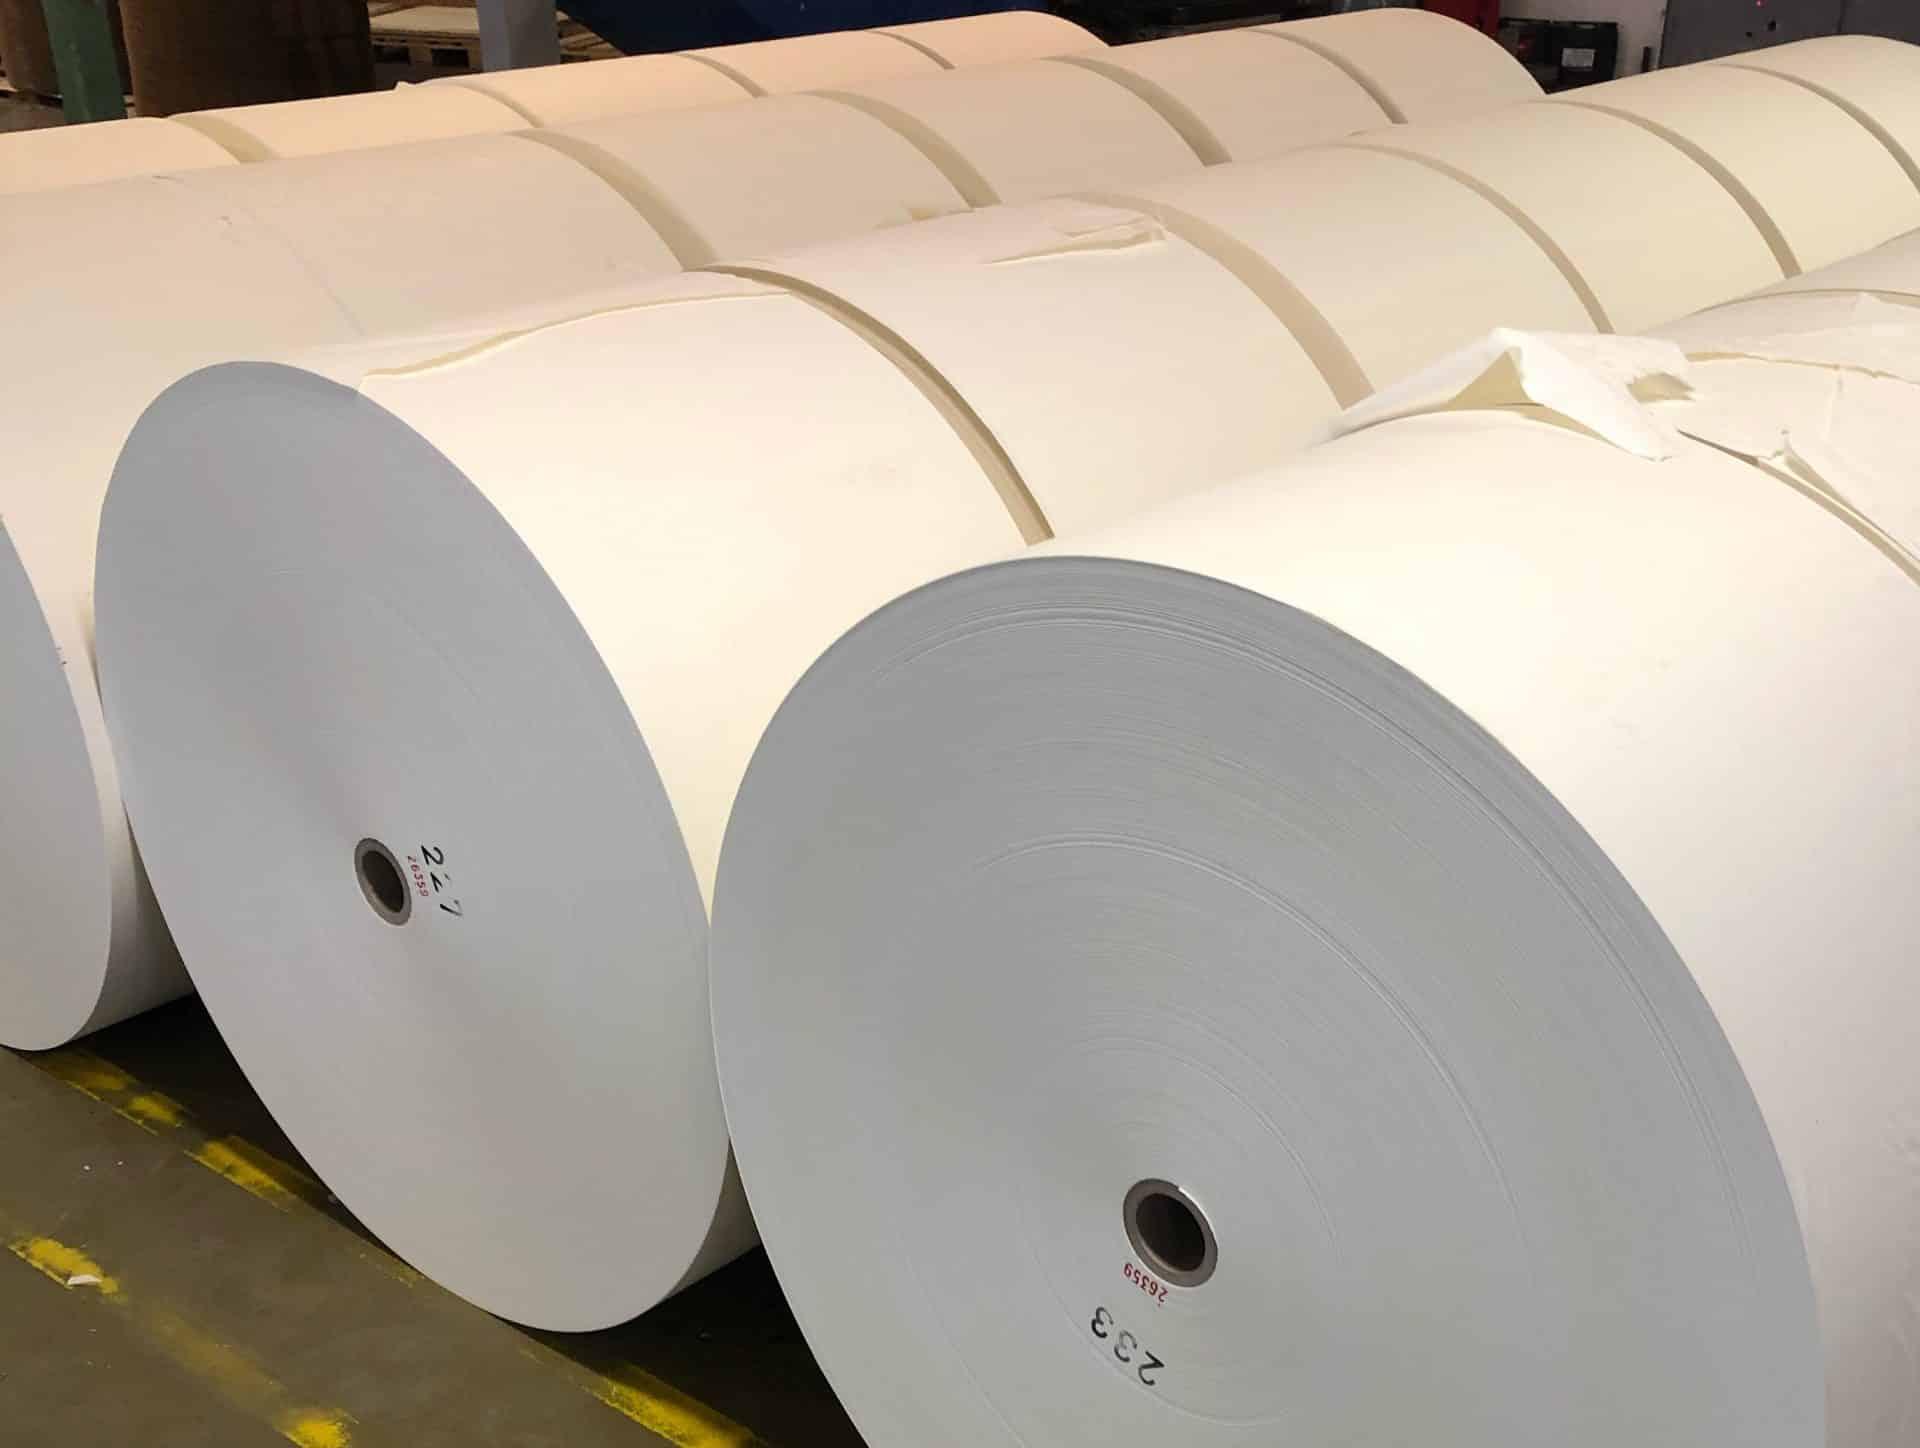 Papir fra Hellefoss Paper Cradle to Cradle certificeret på Sølv-niveau